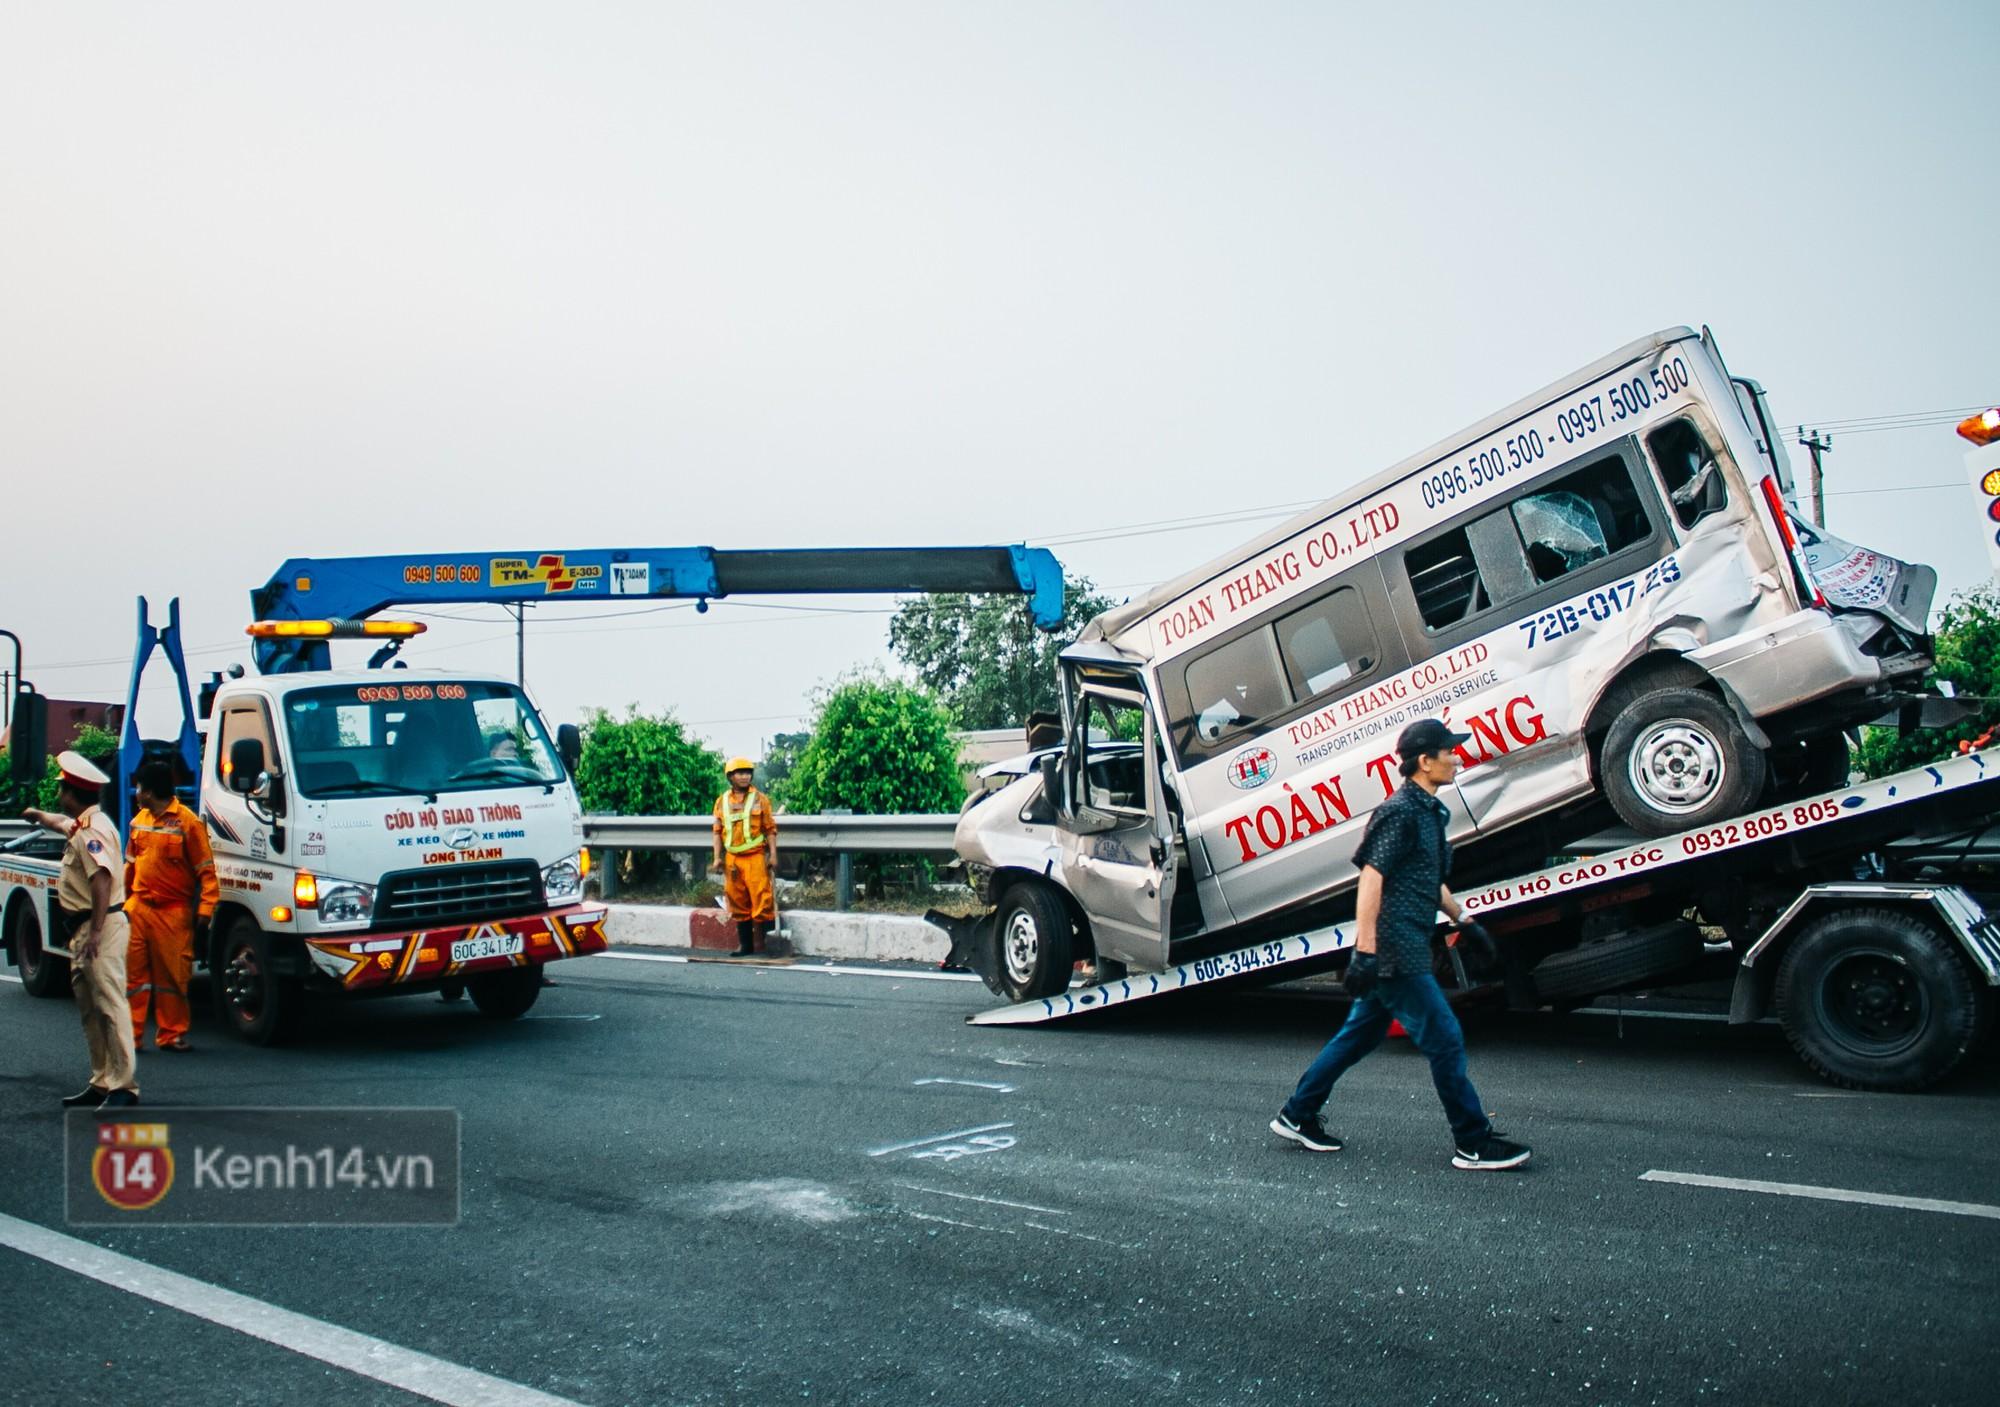 Hành khách ẵm con cuốc bộ trên cao tốc Long Thành sau vụ tai nạn liên hoàn khiến cả tuyến đường kẹt cứng - Ảnh 5.